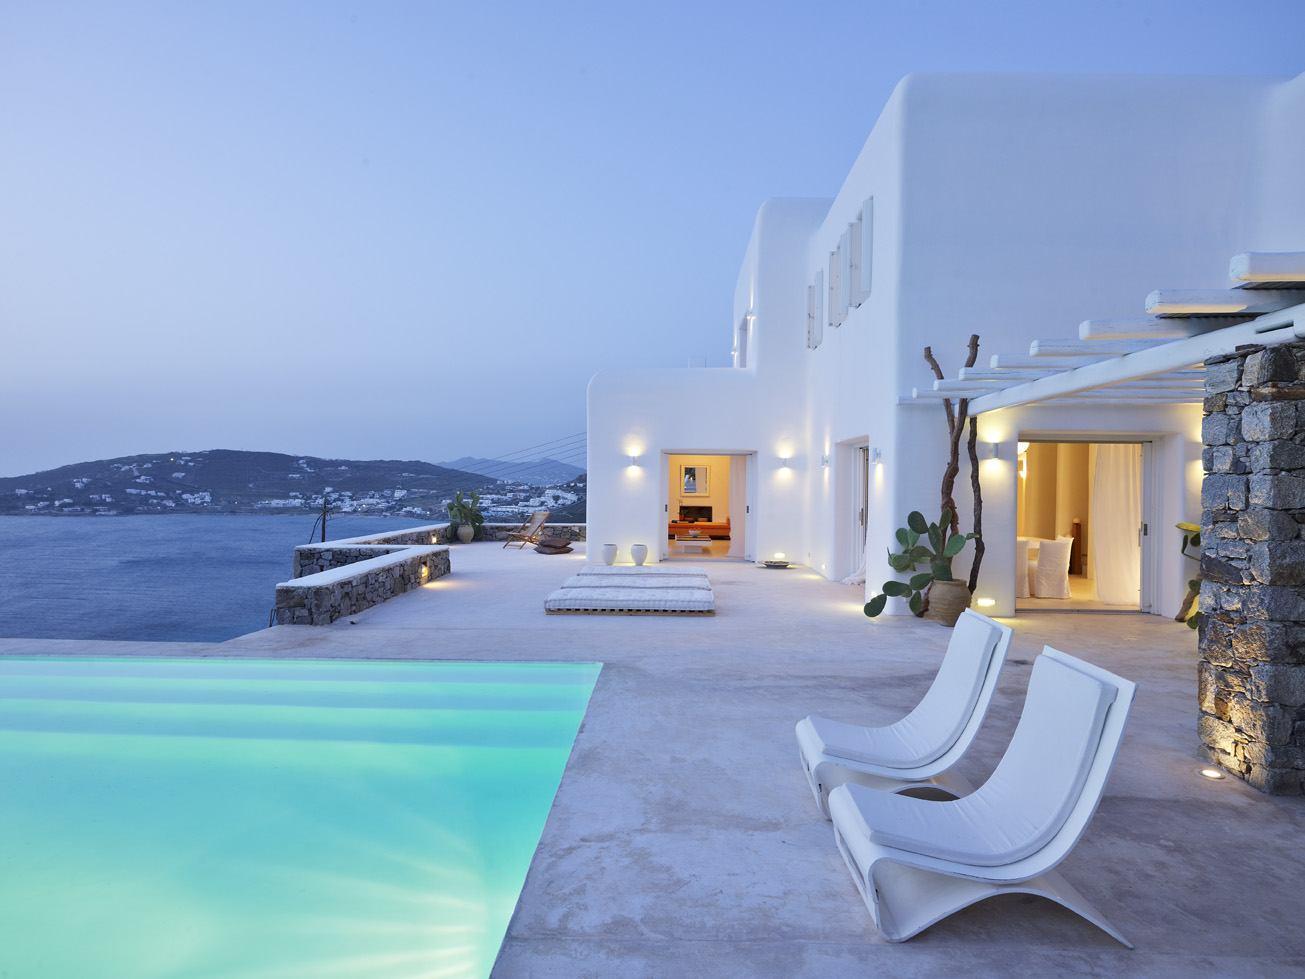 Unique villa on Mykonos island, Unique Mykonos Villa, Private Villas, Luxury Villa, Greece Villas, Luxury holiday, Mykonos Villa rent, Greece villa rent, vip villas